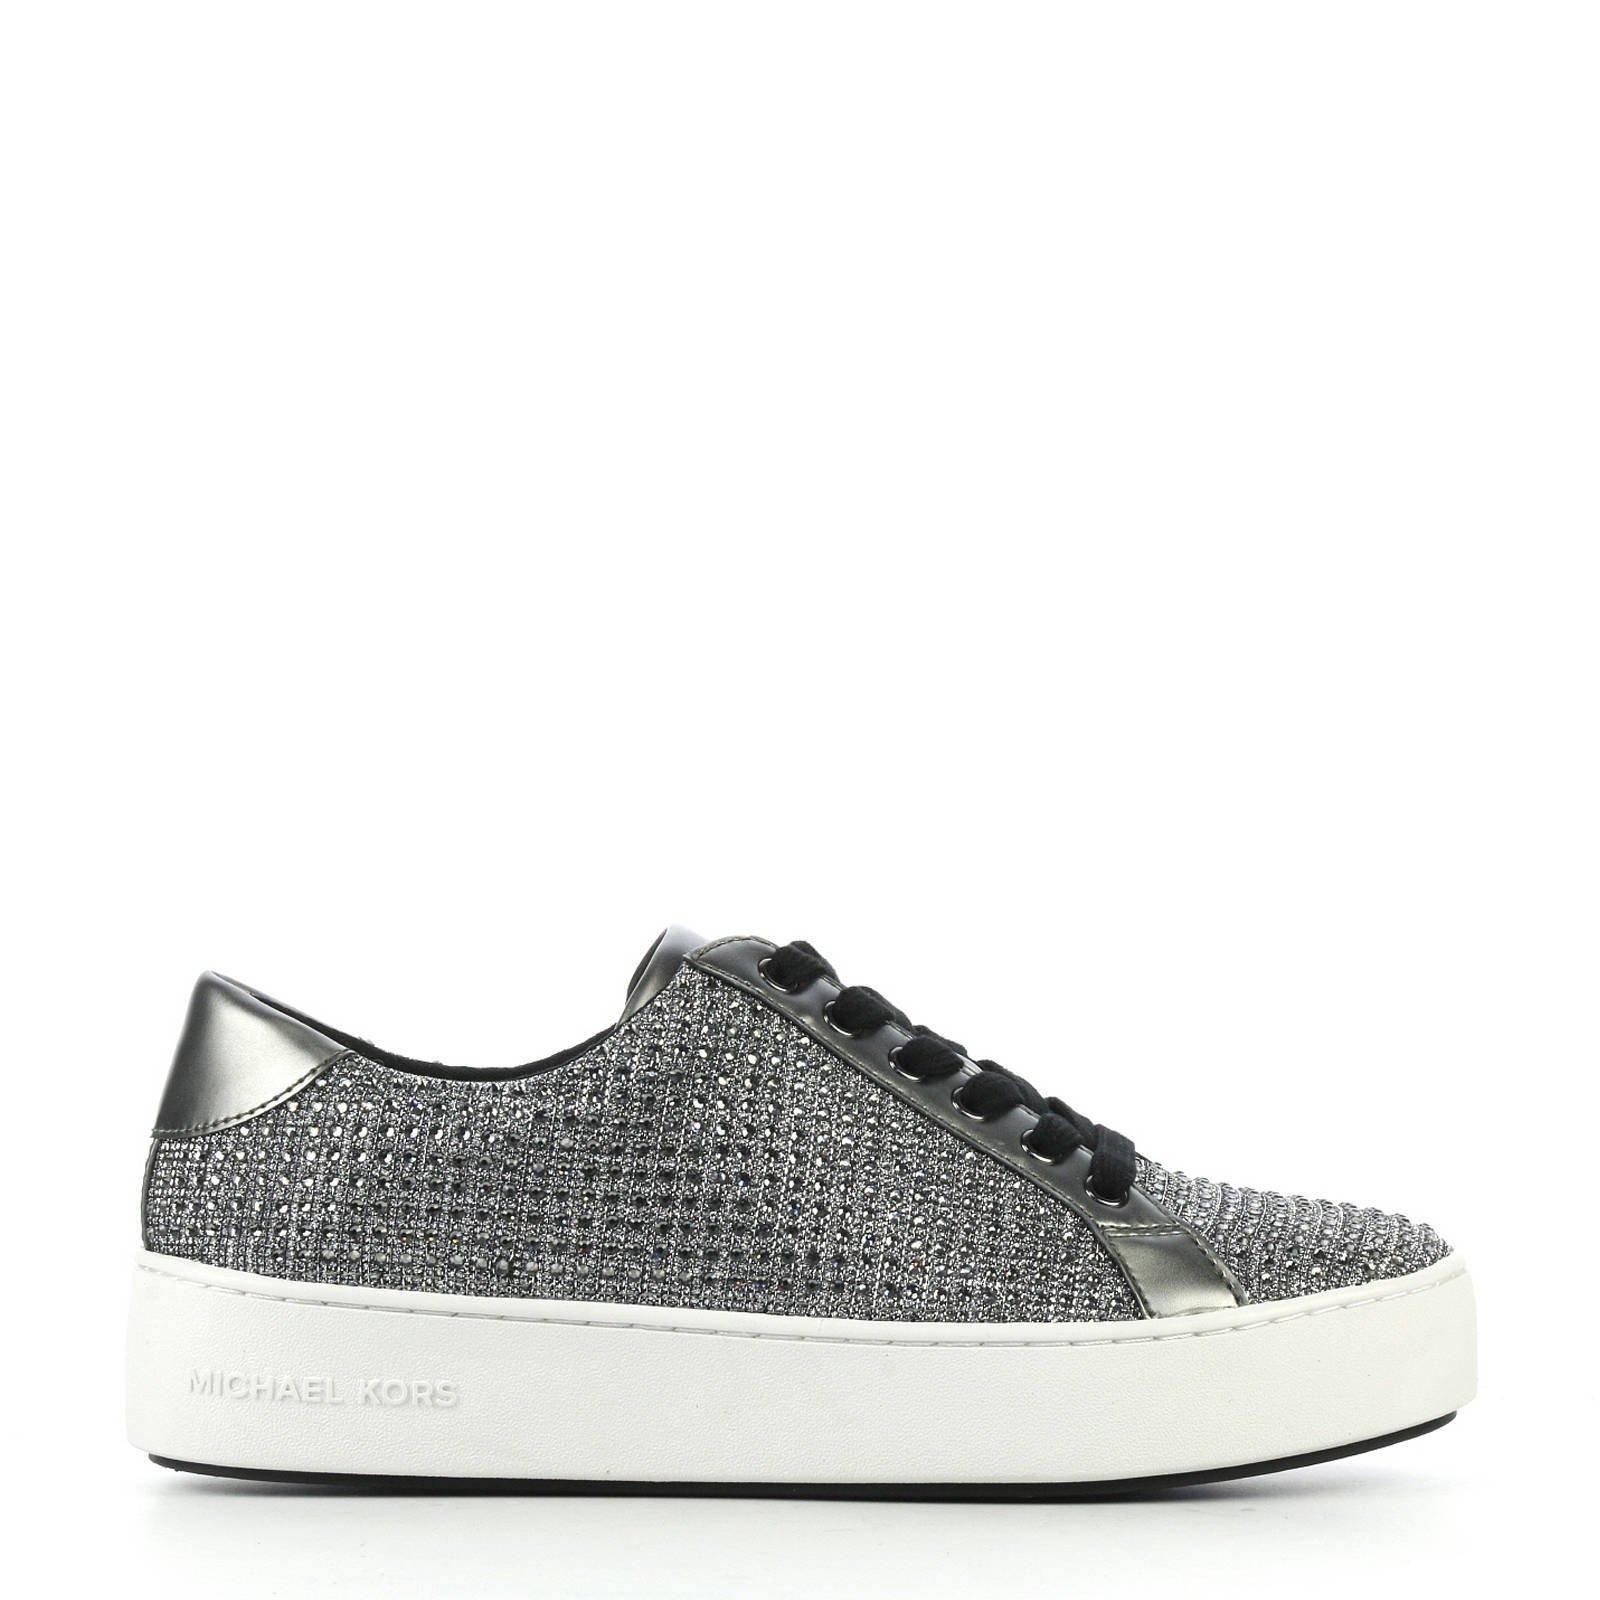 ba180153300 Michael Kors sneakers zilver | wehkamp